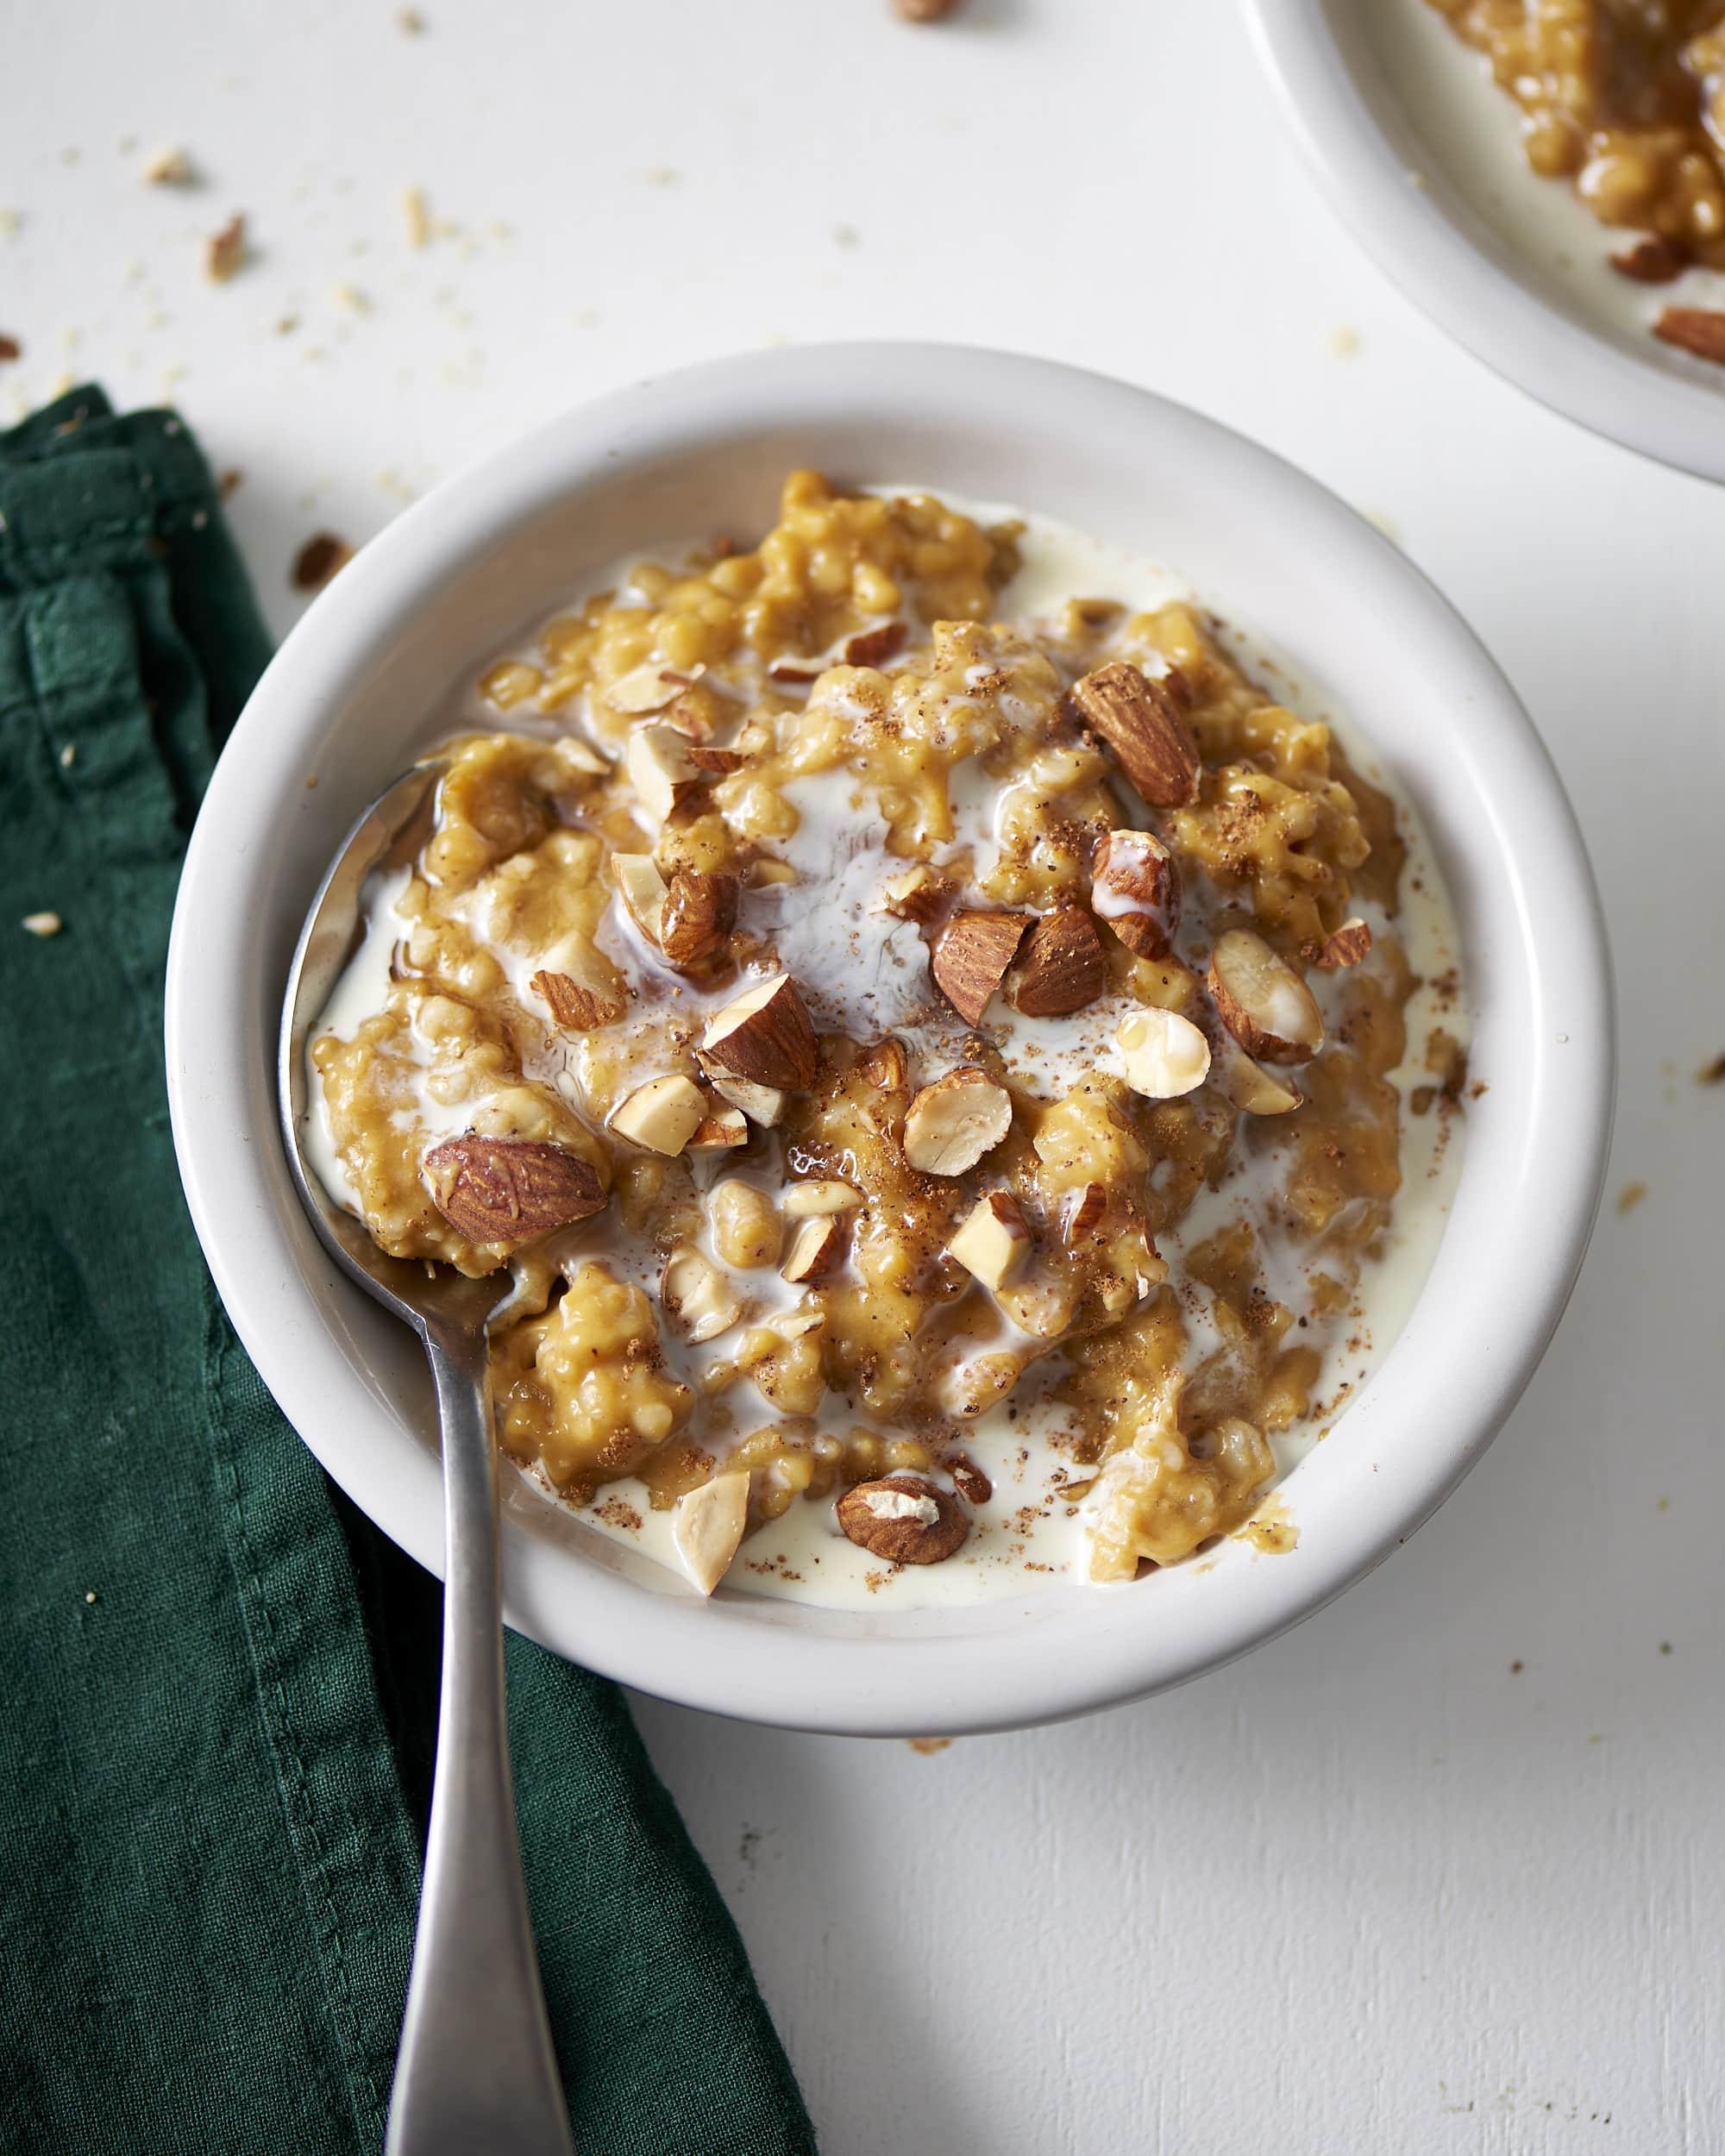 Recipe: Slow Cooker Creamy Pumpkin Spice Oatmeal